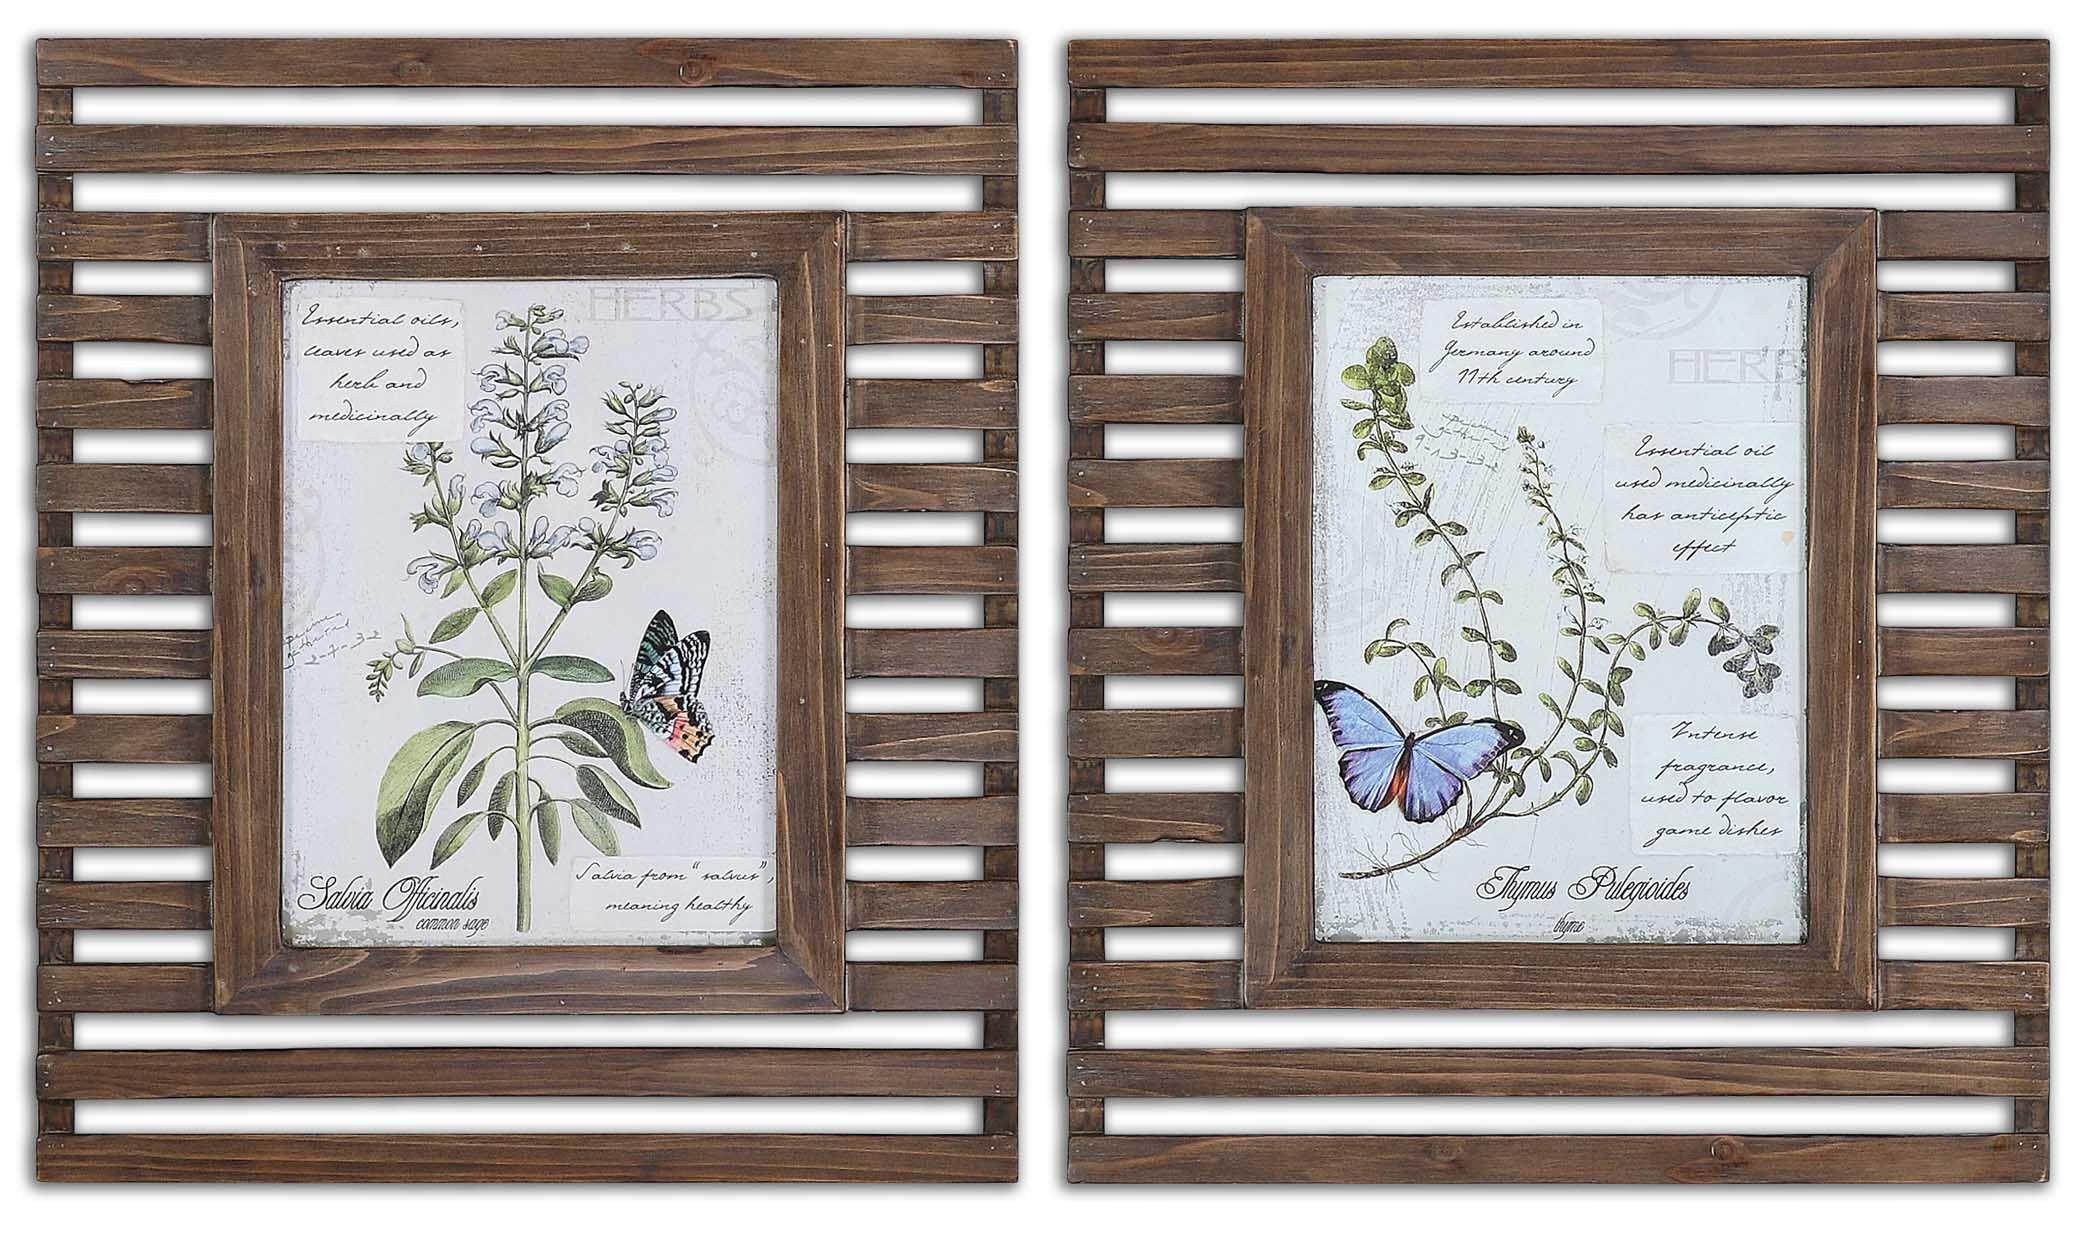 Uttermost 34037 Herbs & Butterflies Wood Framed Art